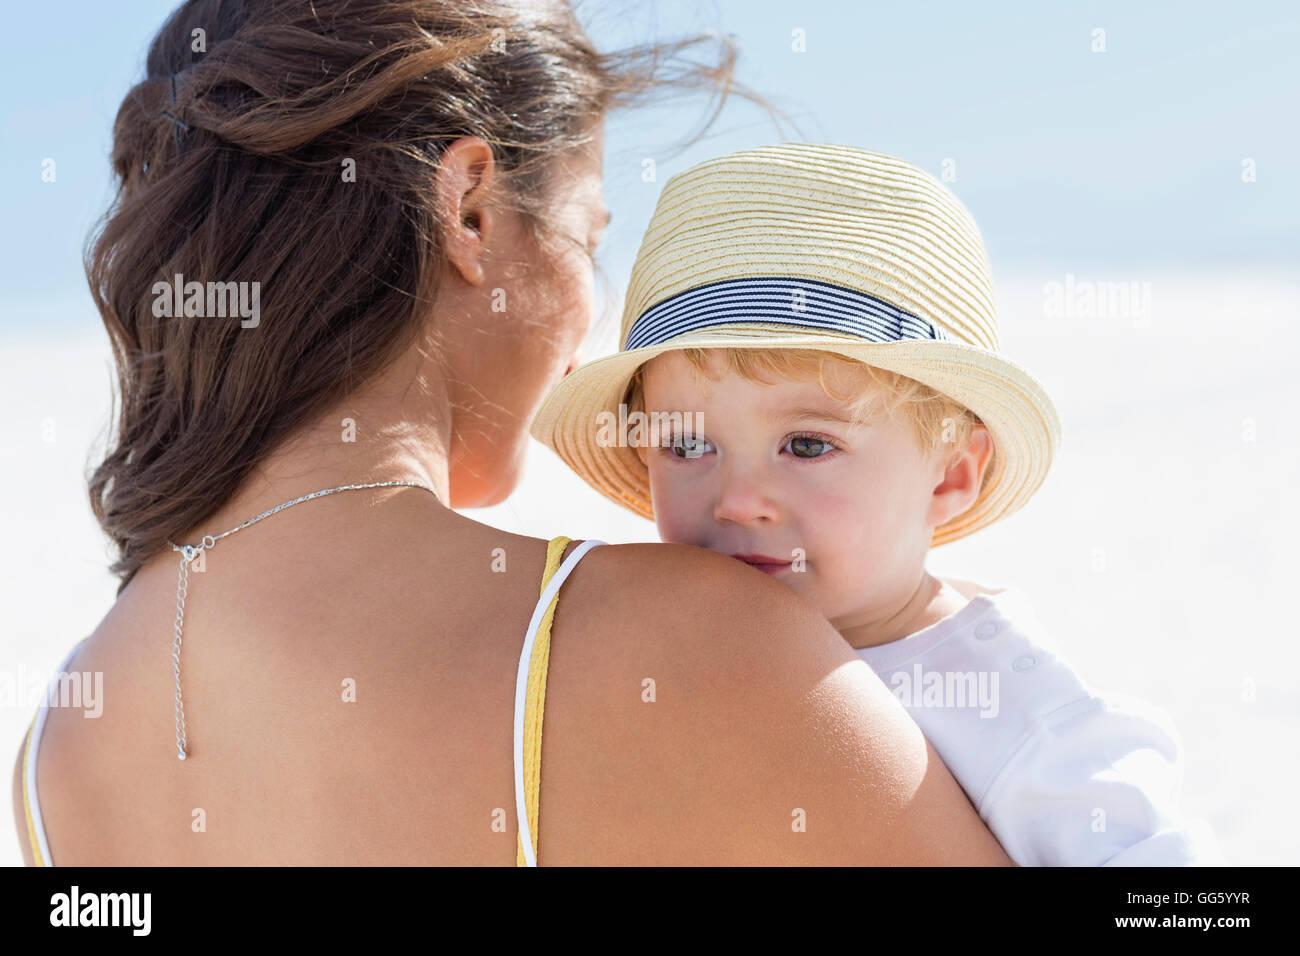 Vista trasera de una mujer que llevaba a su bebé Imagen De Stock